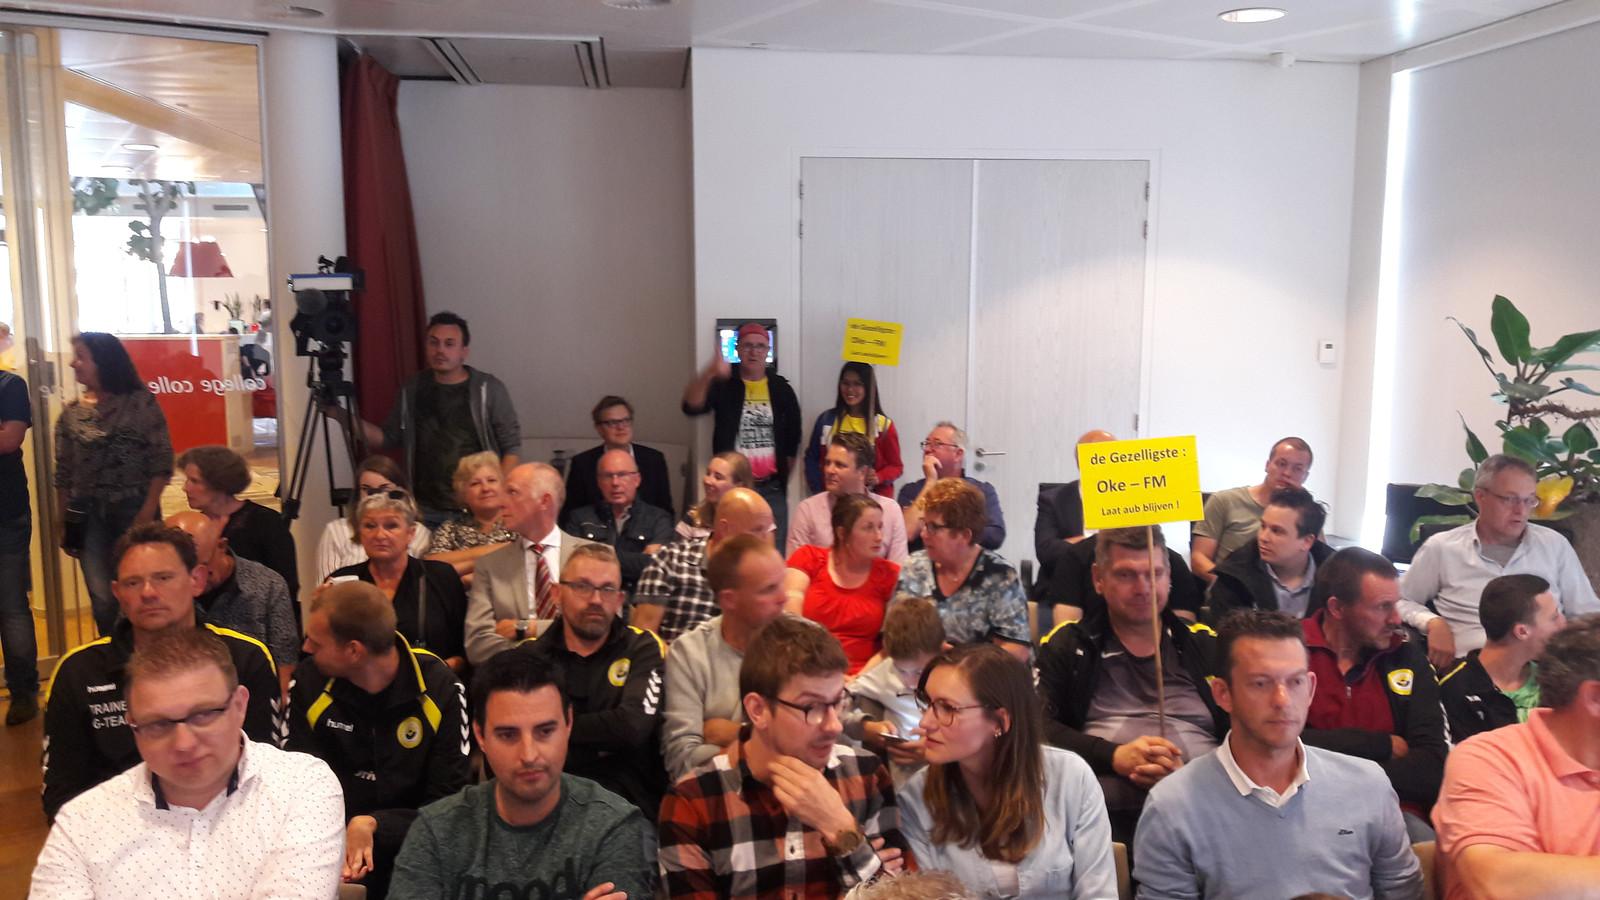 Drukte in de raadszaal tijdens de discussie over de lokale omroep in Altena.